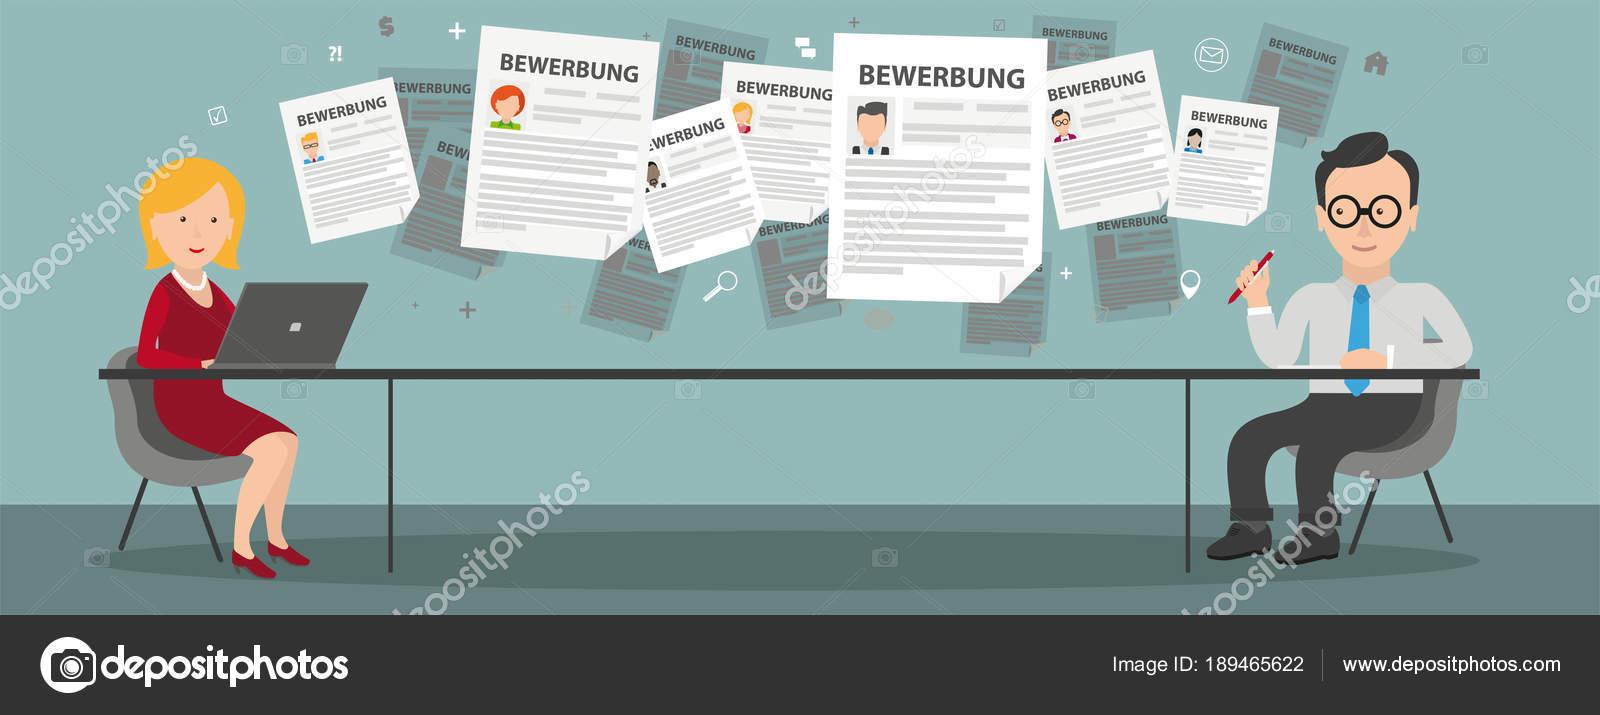 deutsche bersetzung bewerbung anwendung eps vektor file file stockvektor - Bewerbung Ubersetzung